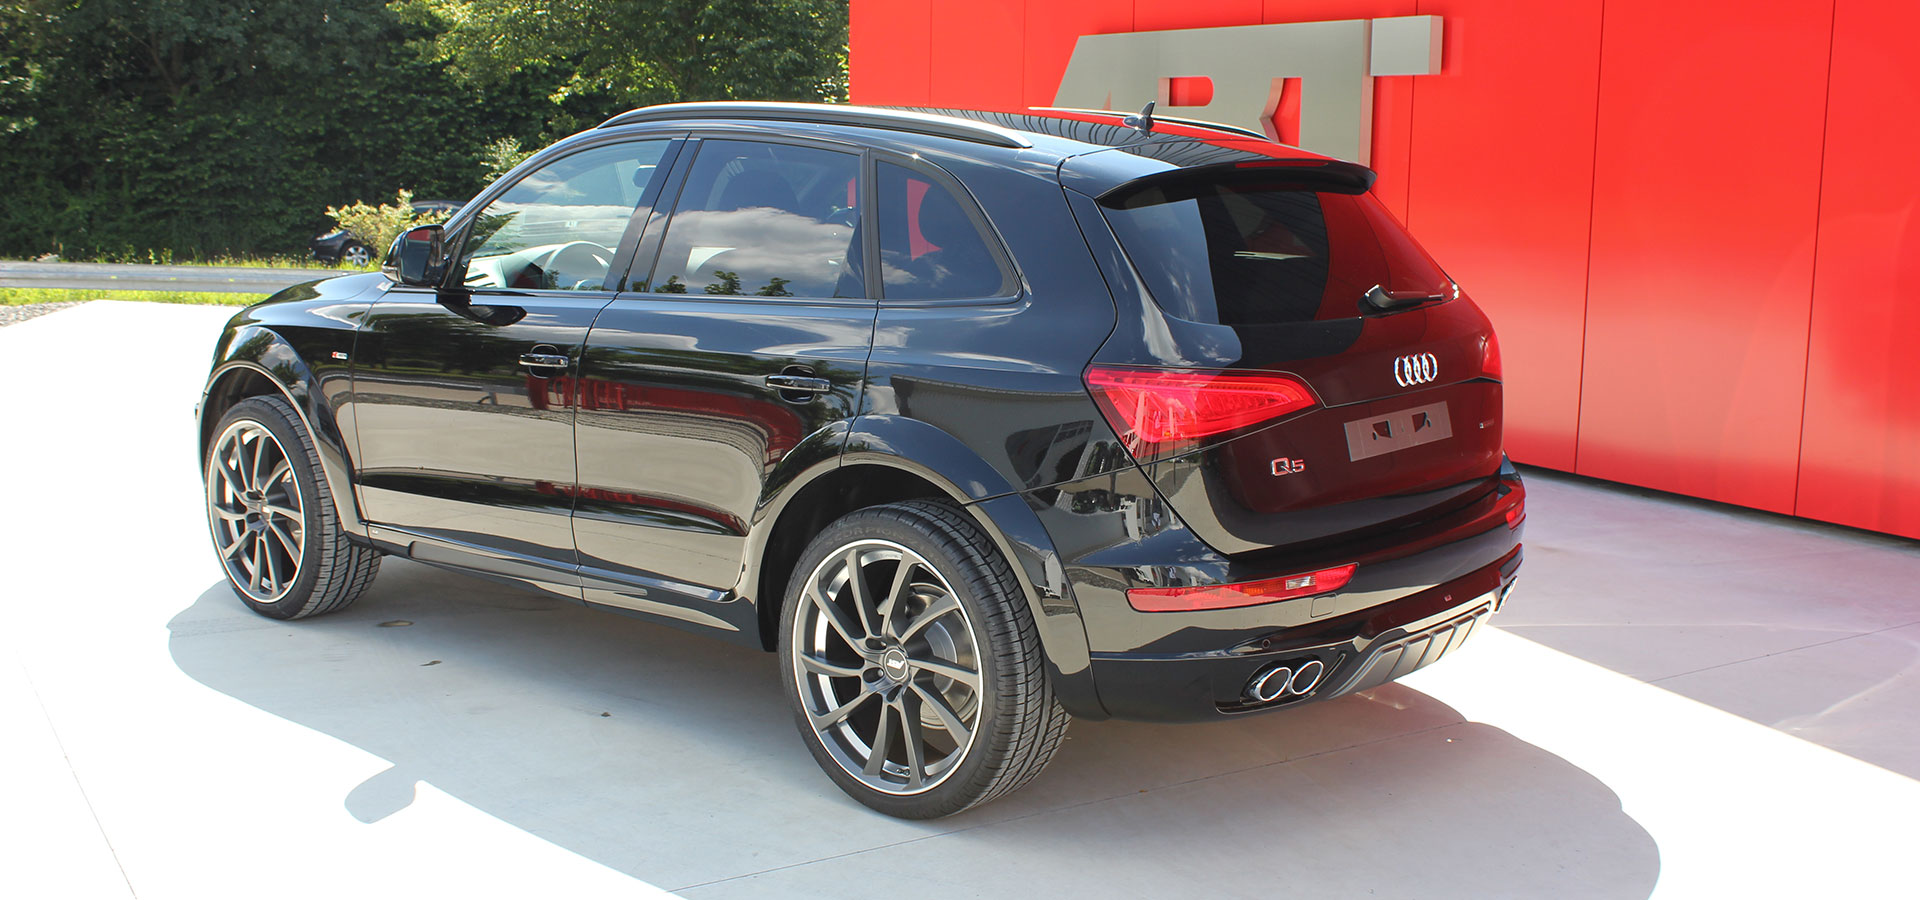 Audi q3 abt umbau